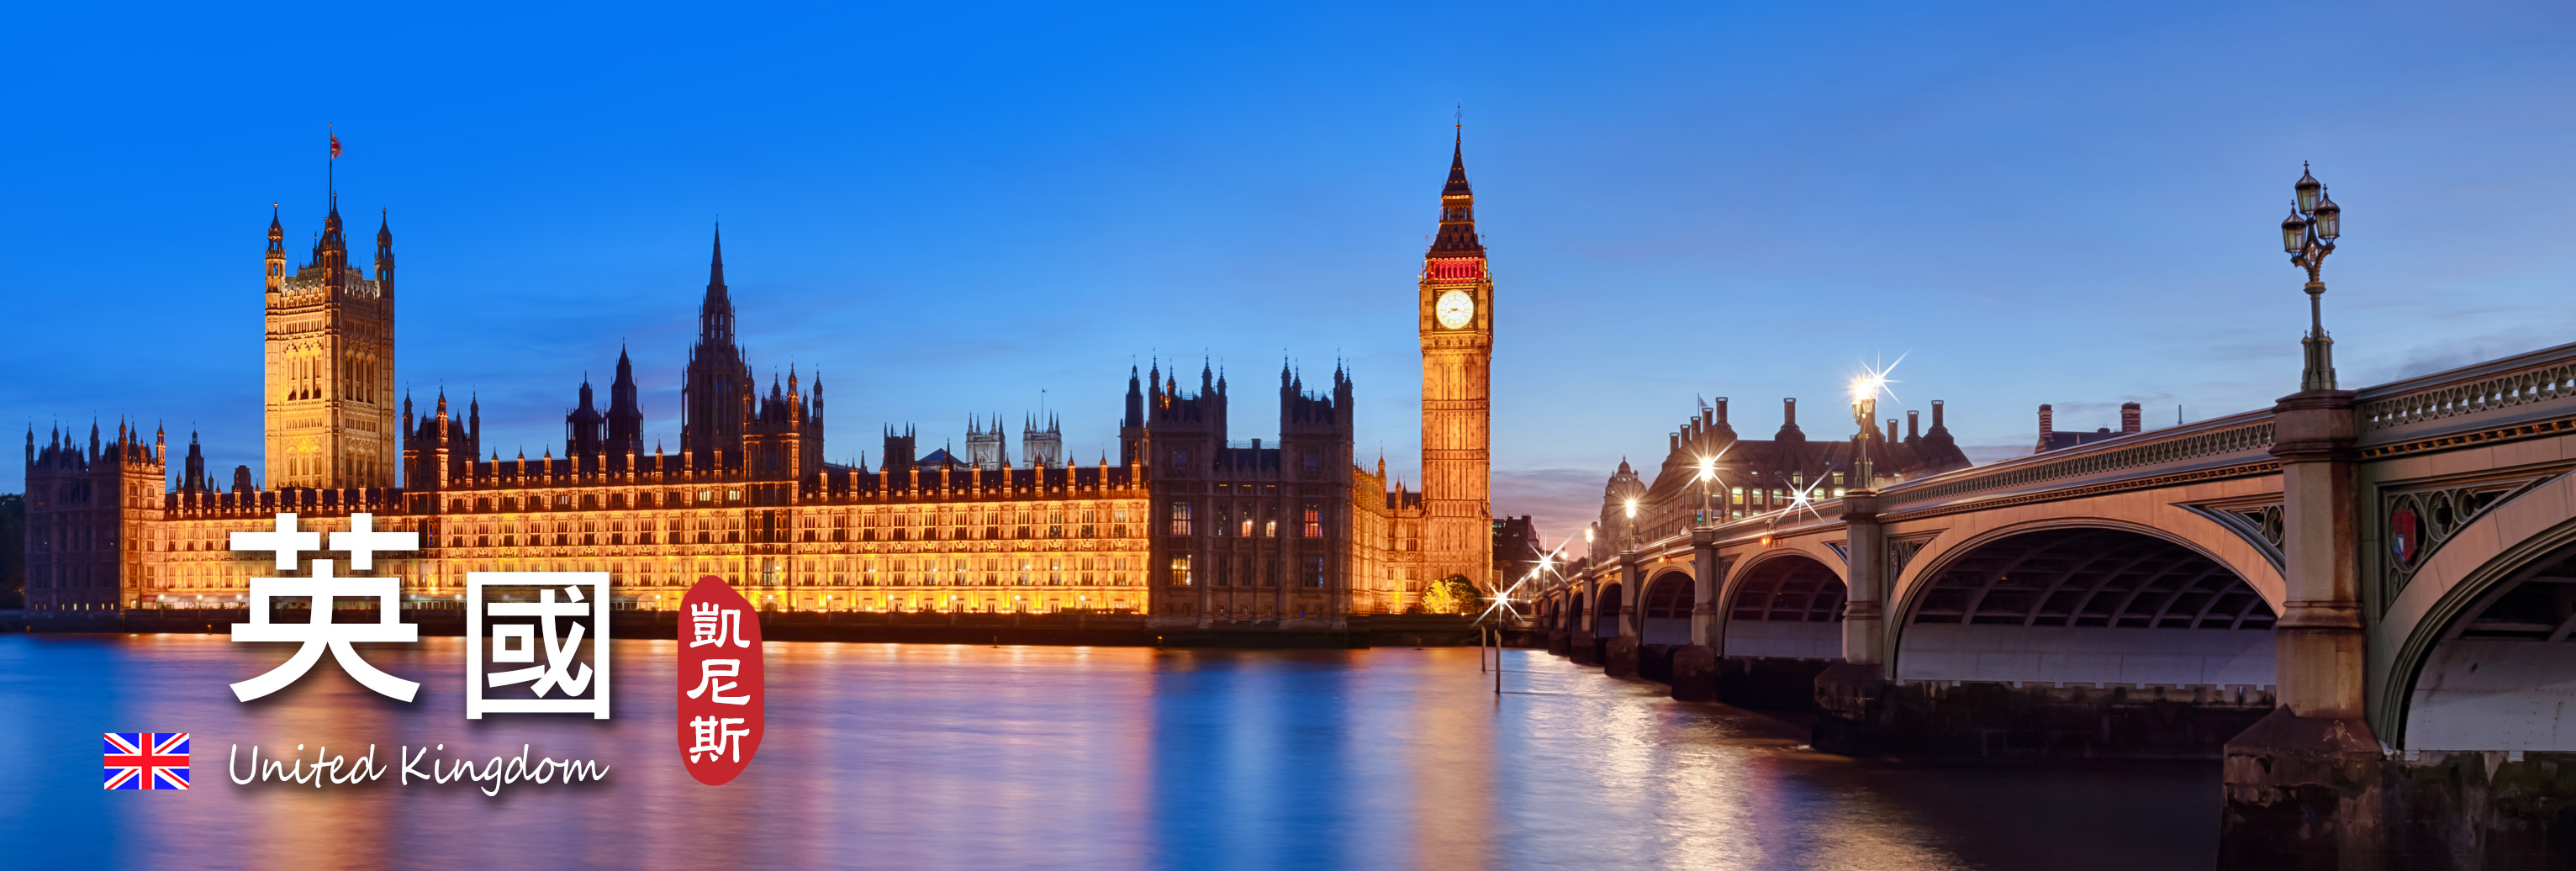 英國旅遊資訊